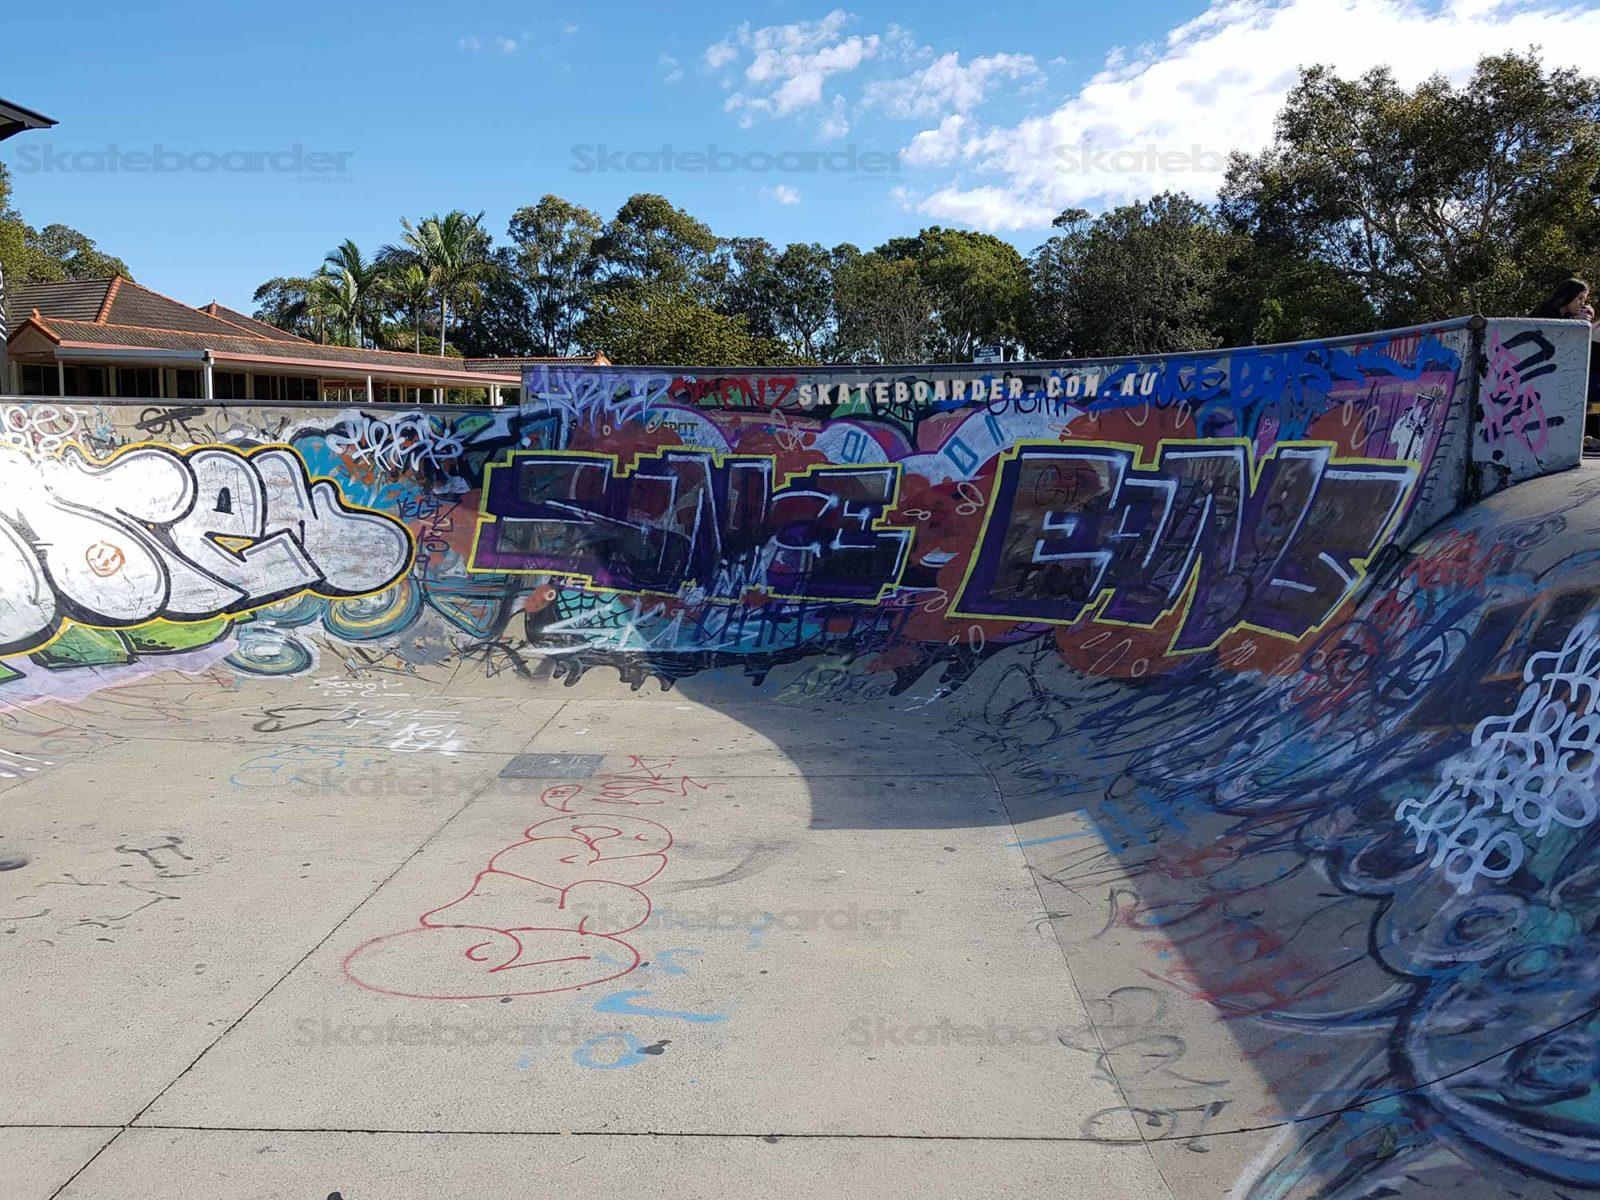 Tweed Skate Bowl Extension